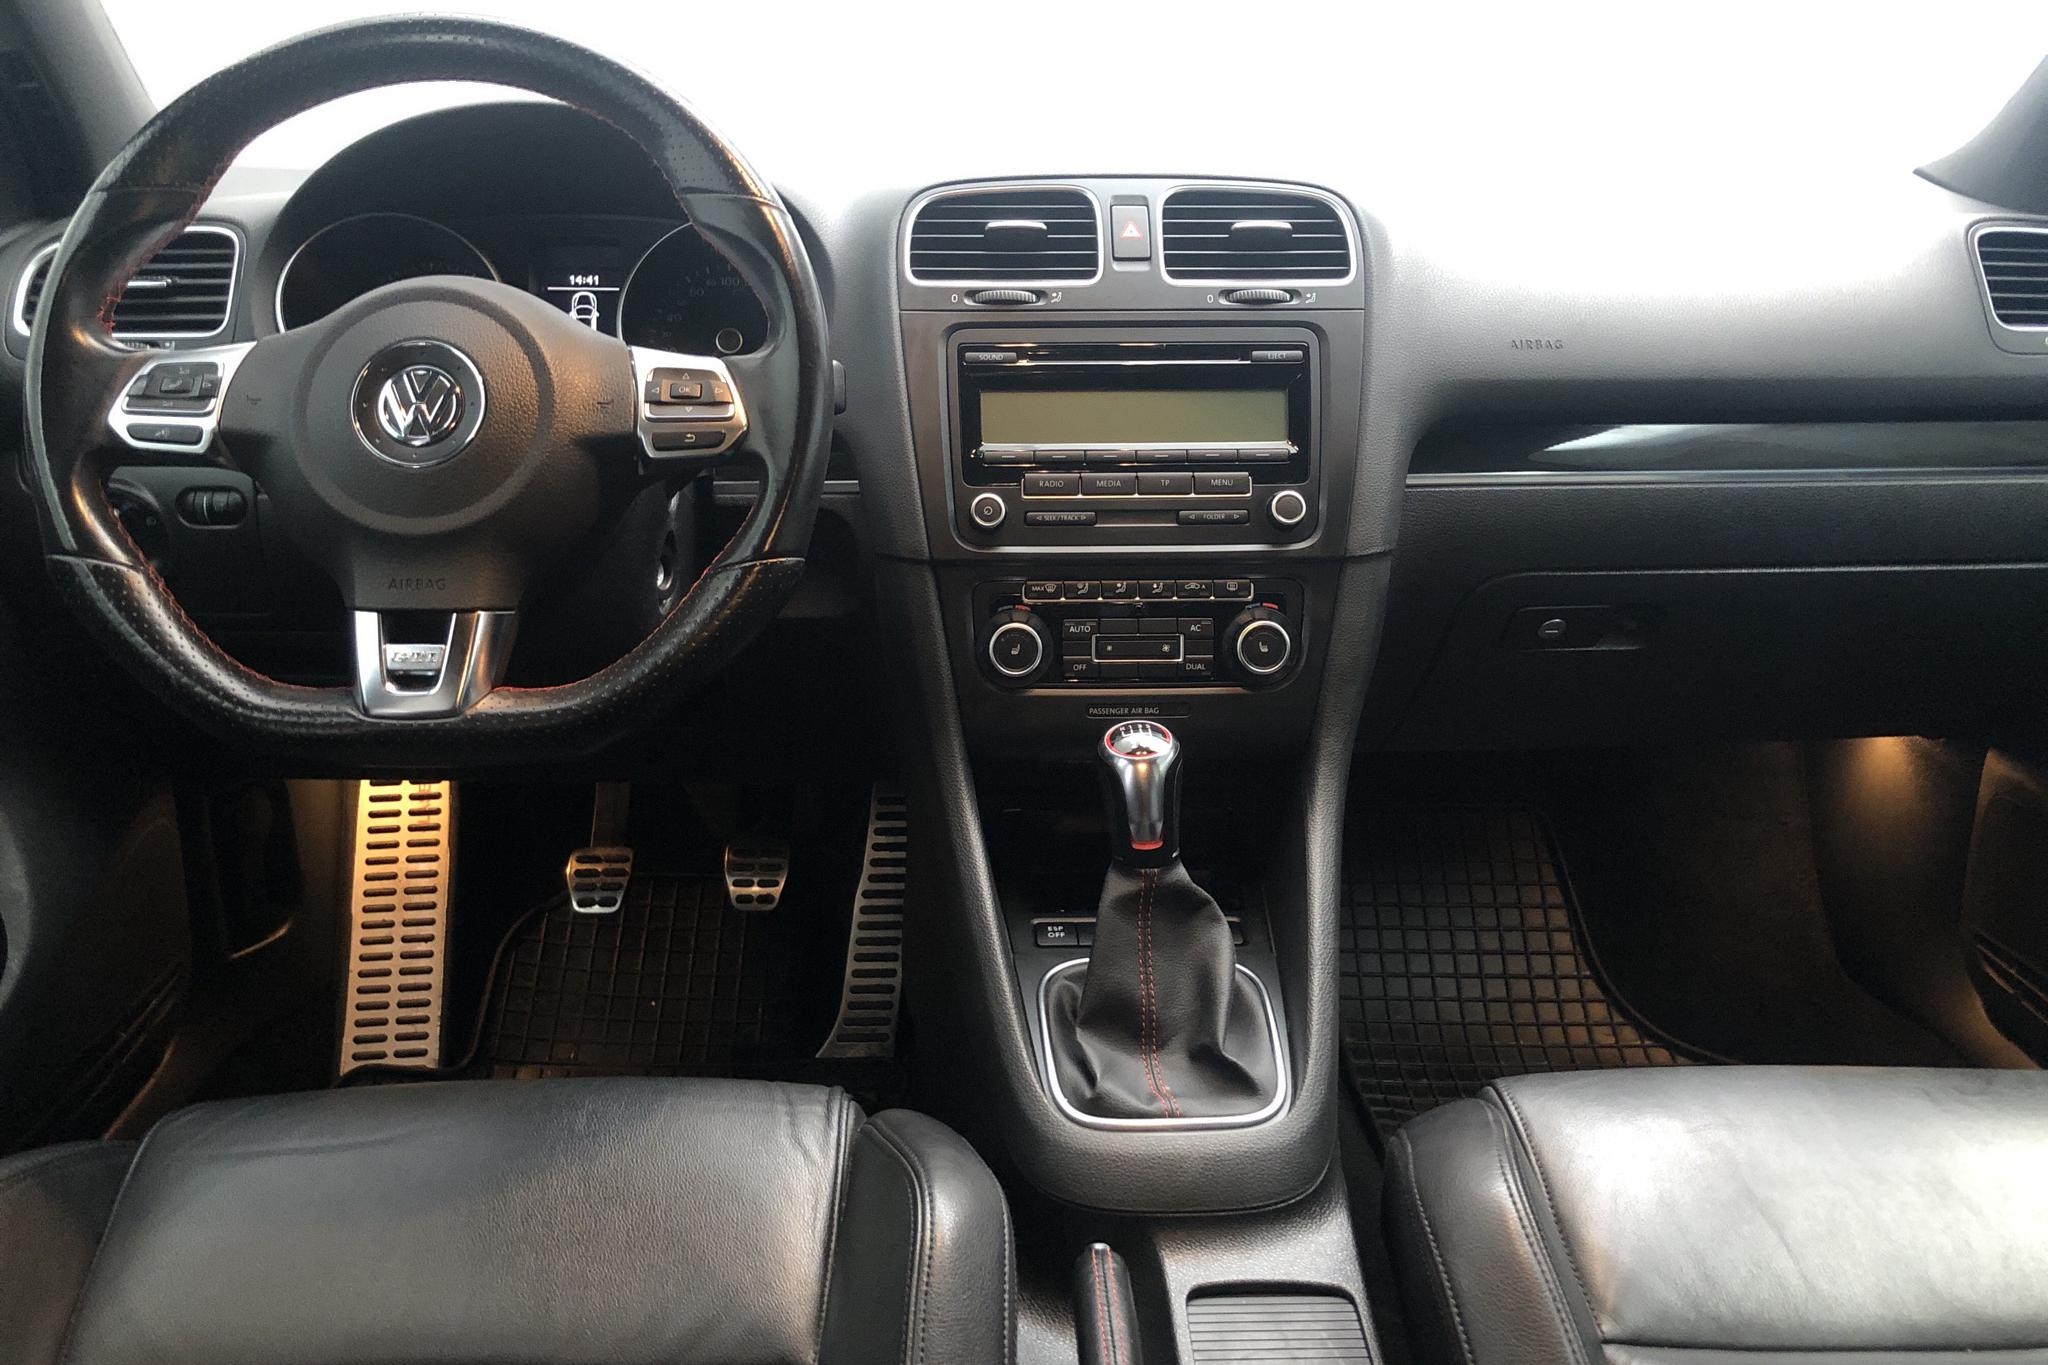 VW Golf VI GTI 2.0 TSI 5dr (211hk) - 124 170 km - Manual - Dark Grey - 2010